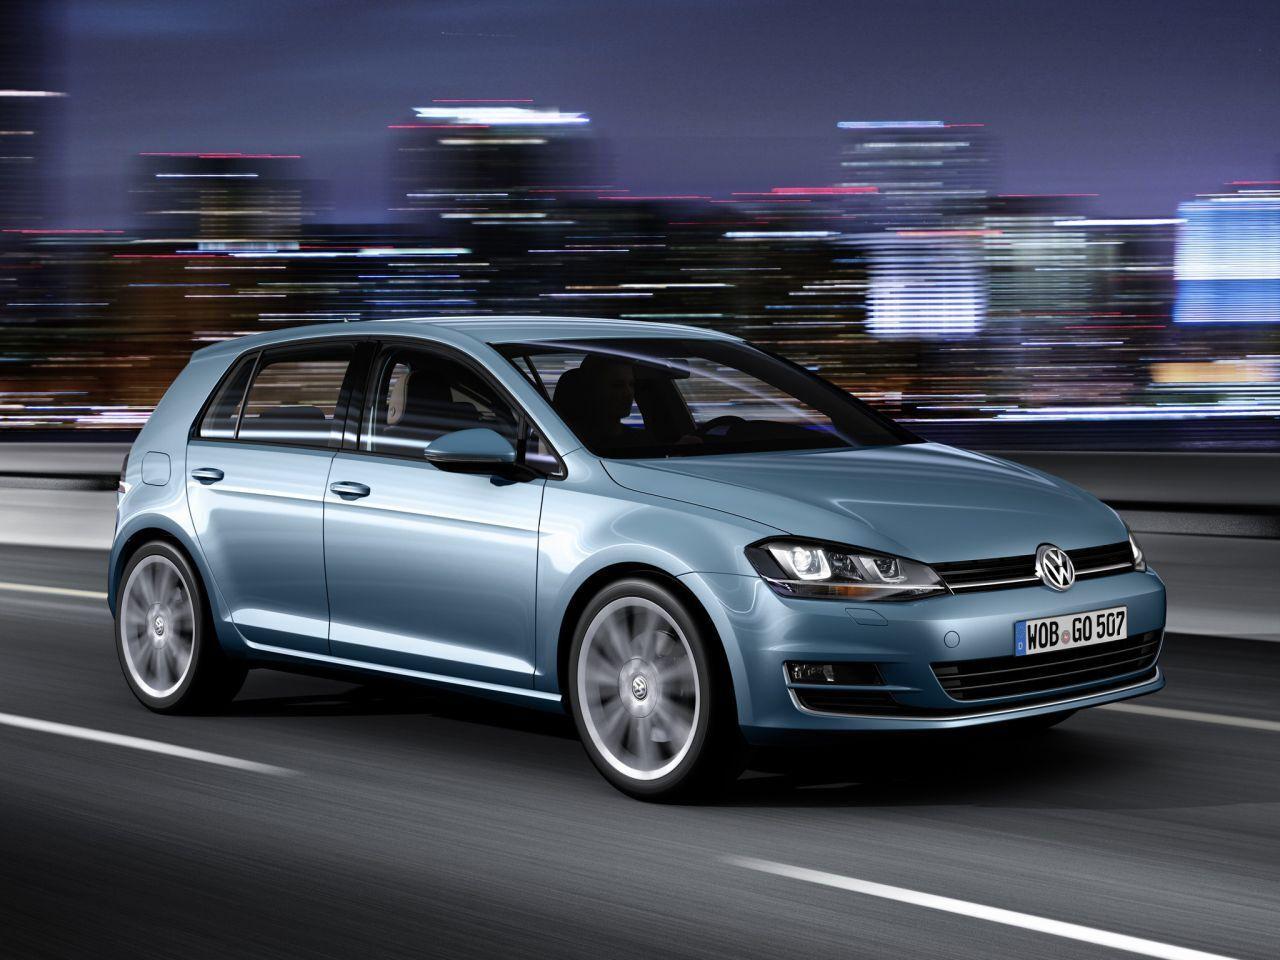 VW Golf седьмого поколения все еще можно купить новым